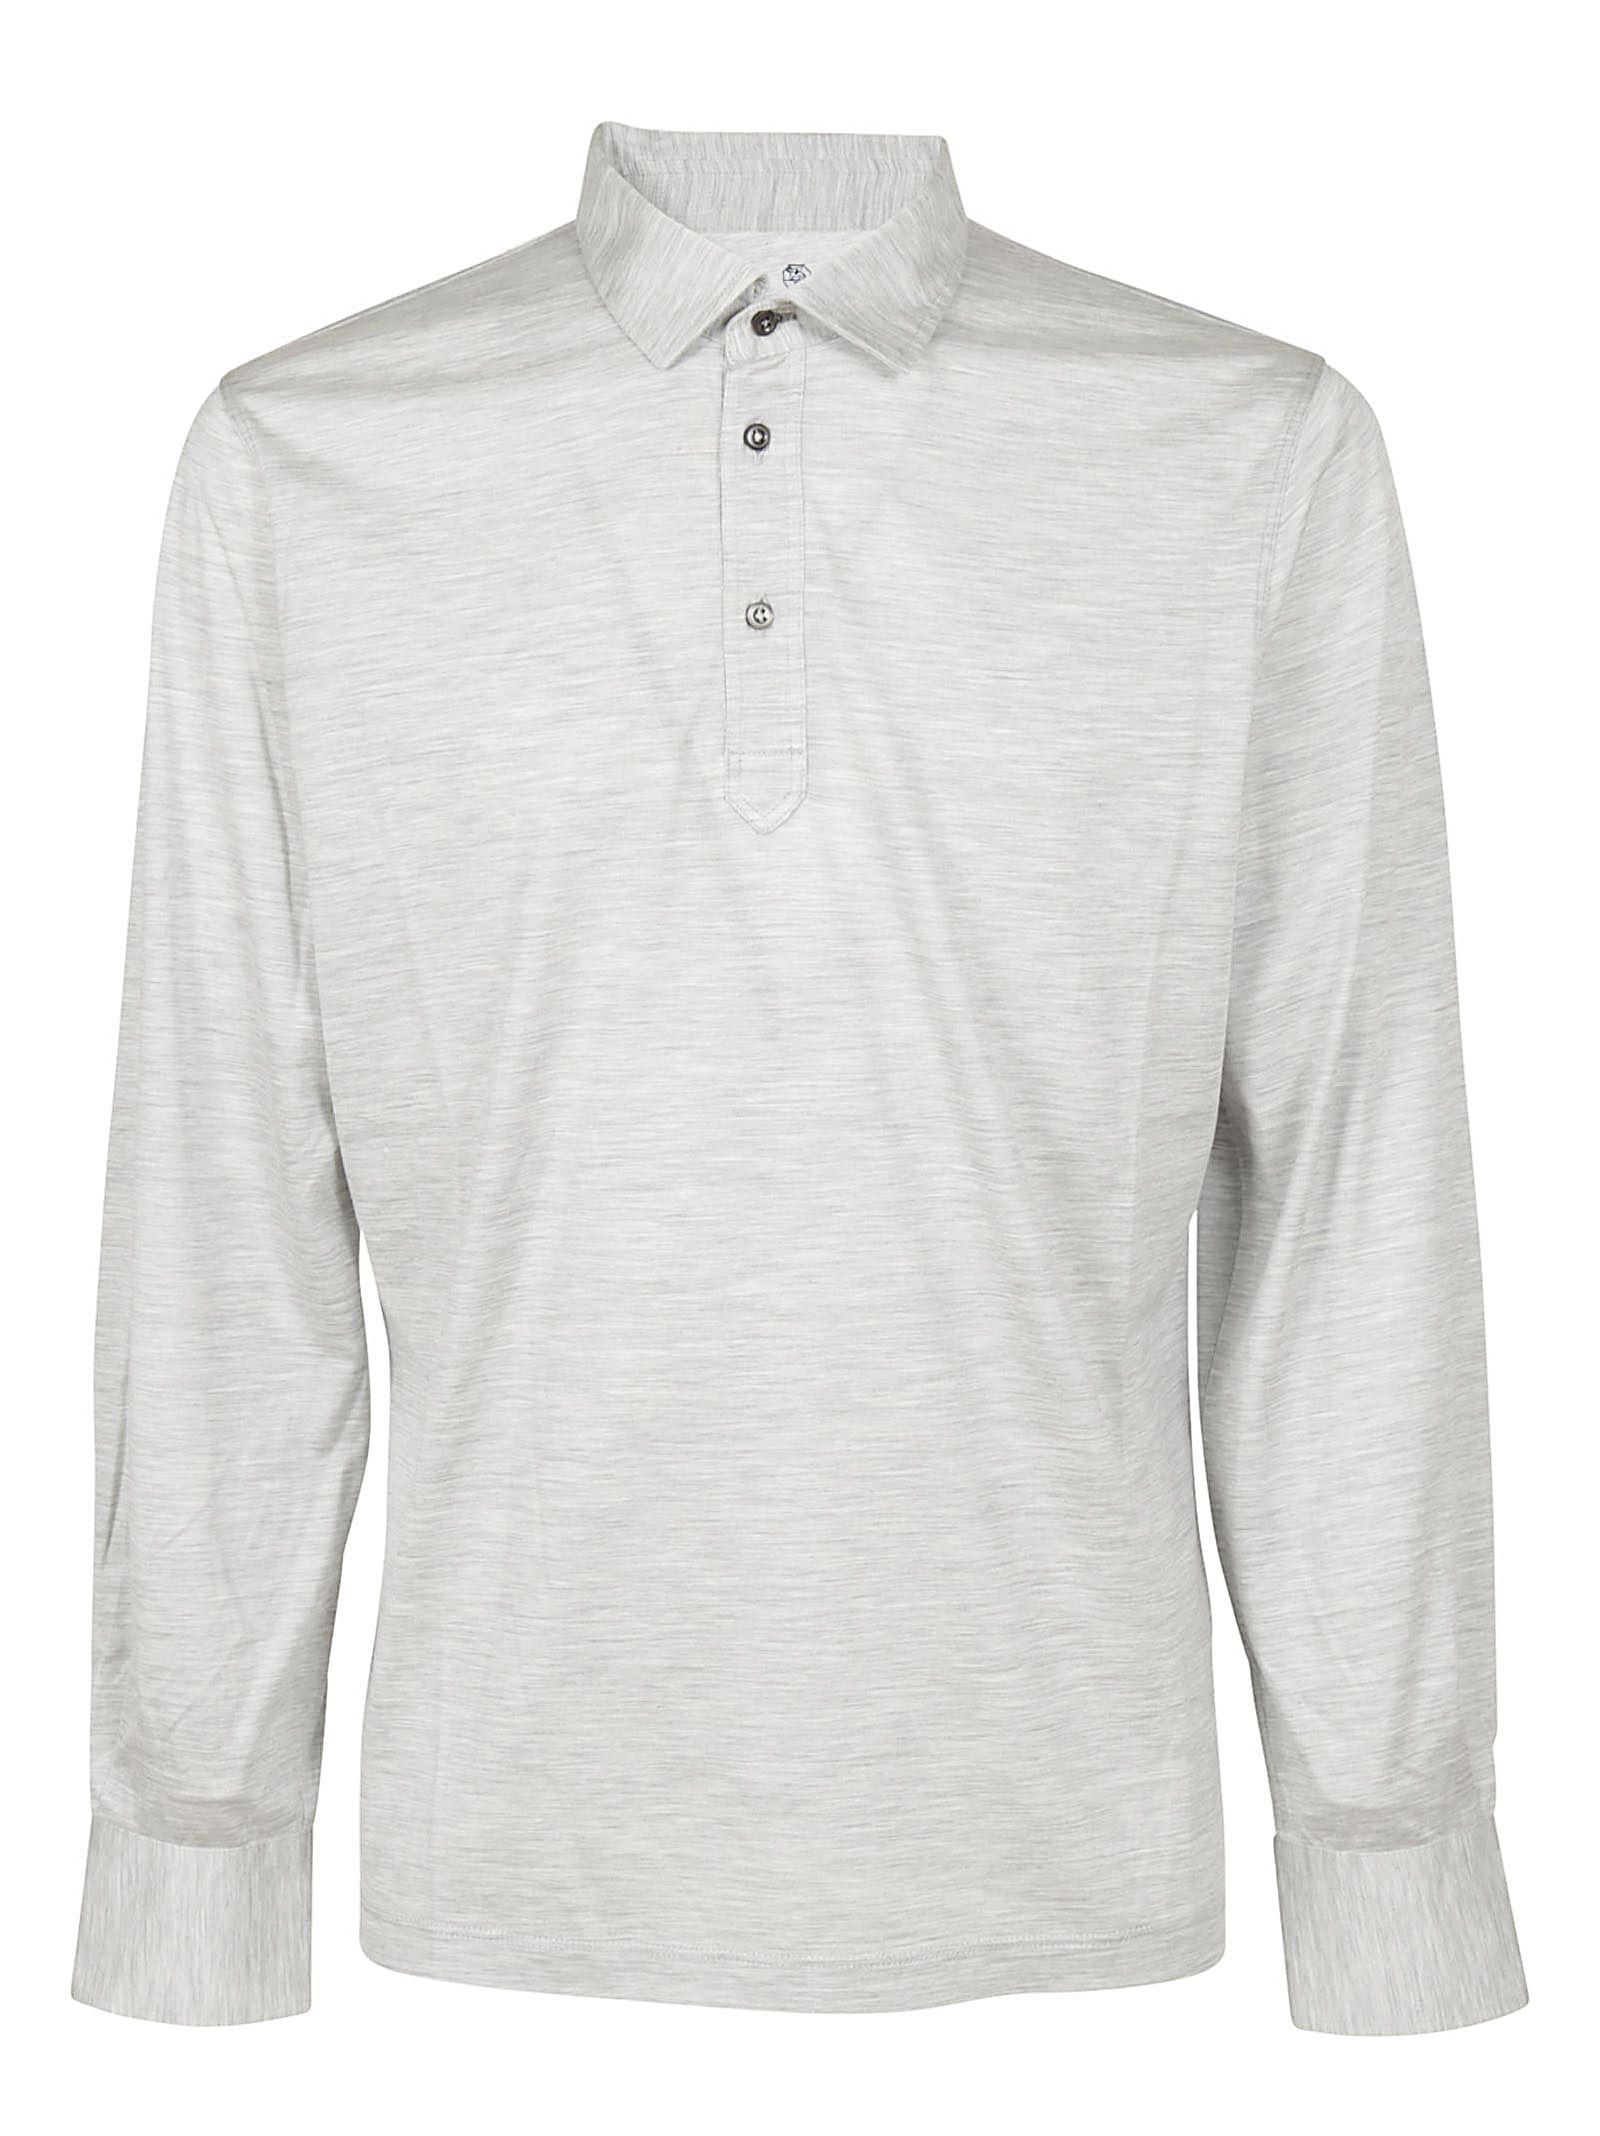 Brunello Cucinelli Brunello Cucinelli Plain Polo Shirt